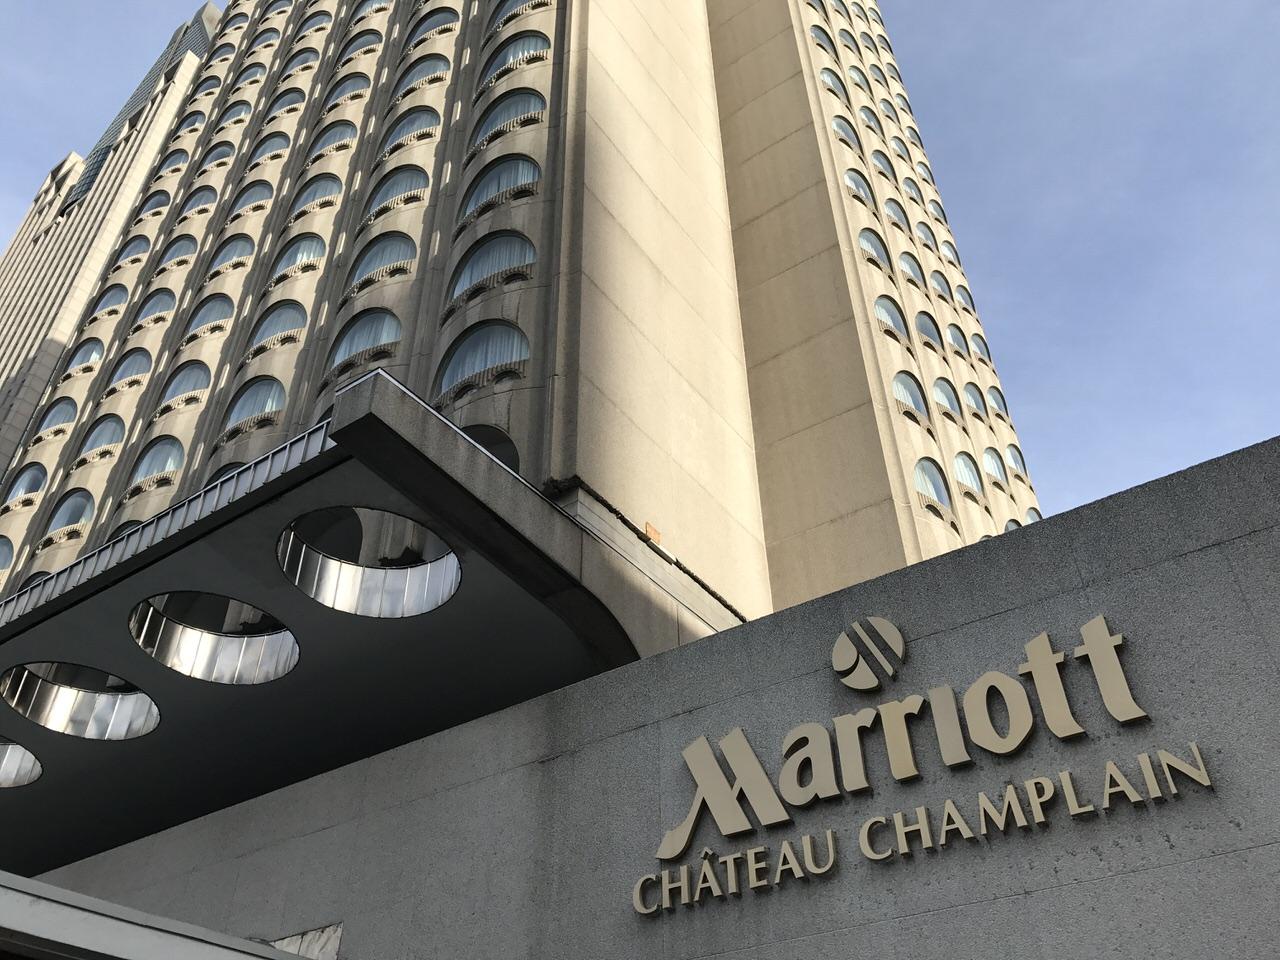 「マリオット・シャトー・シャンプレン」モントリオールのホテル #GoMedia2016